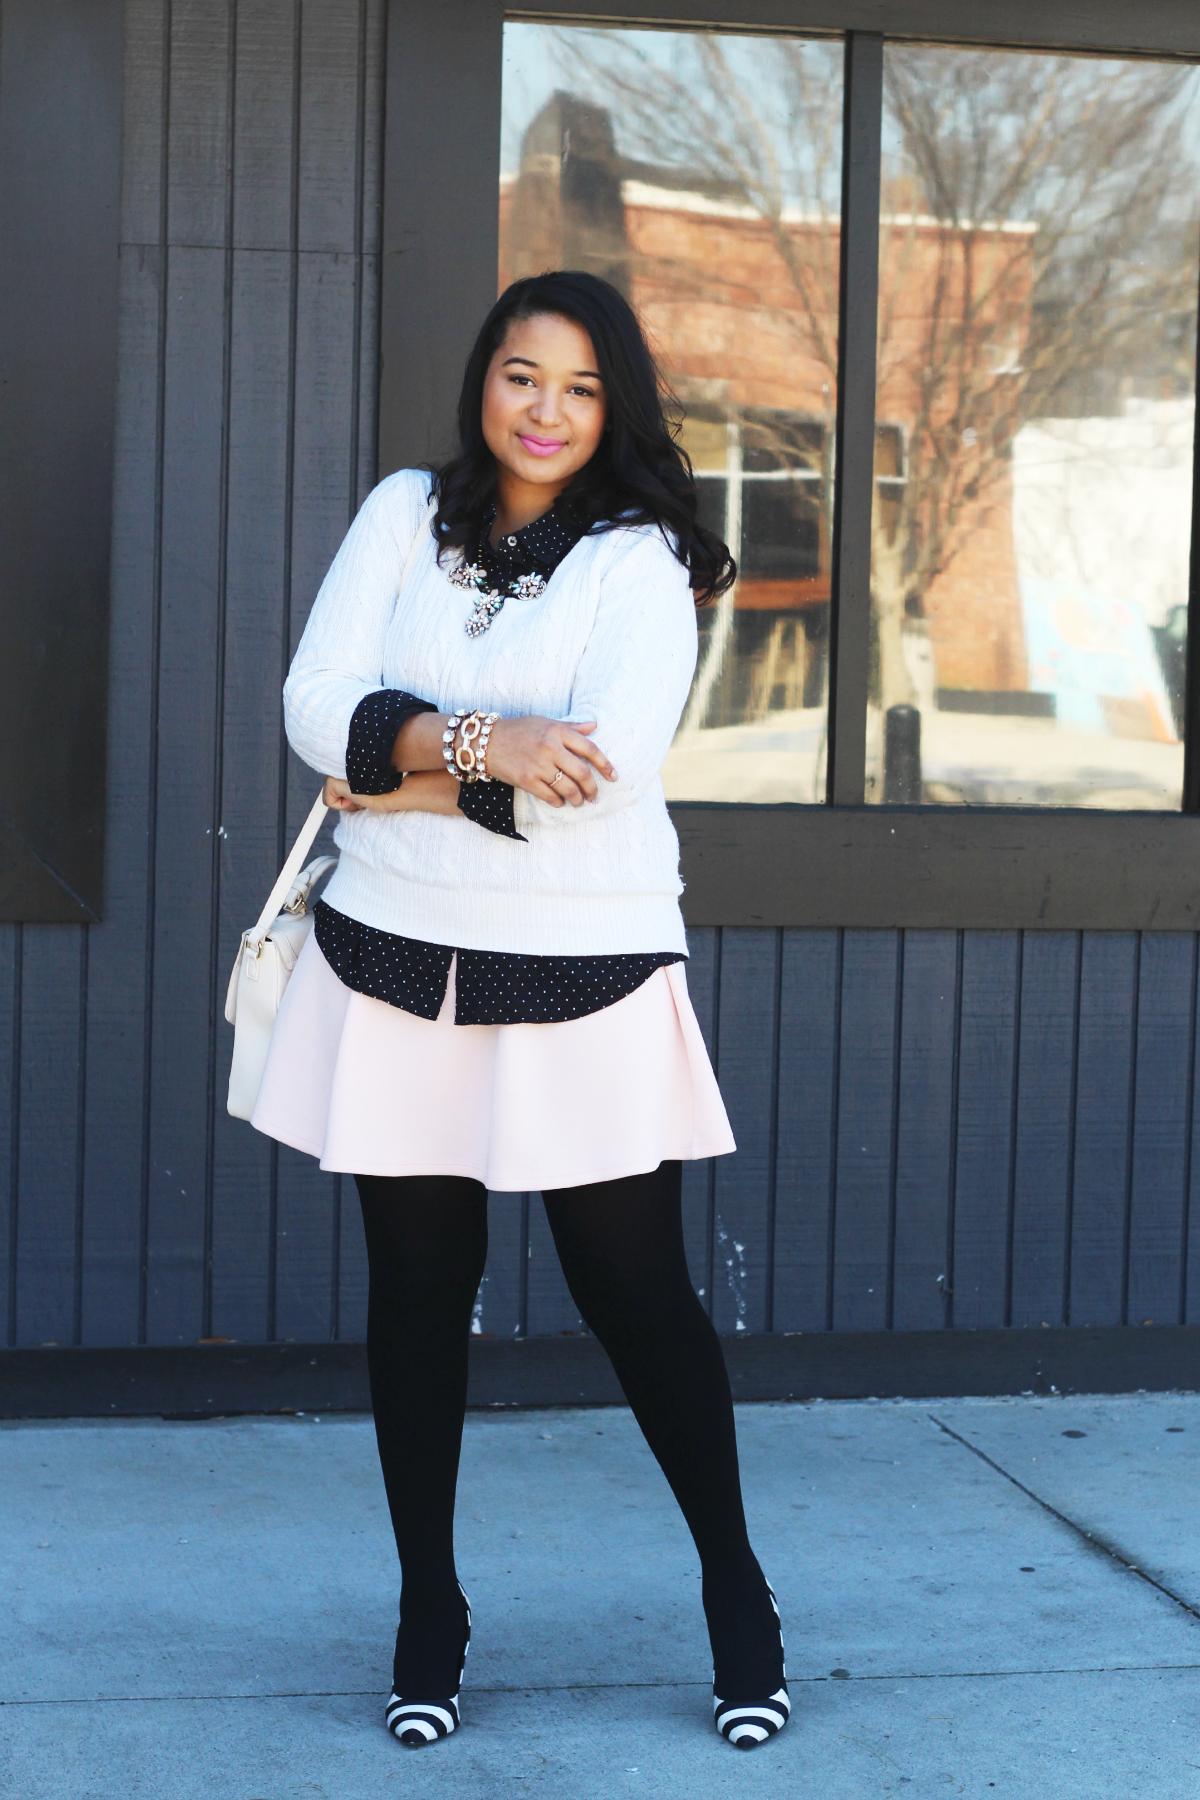 Polka Dot Button Up & Pink Skirt